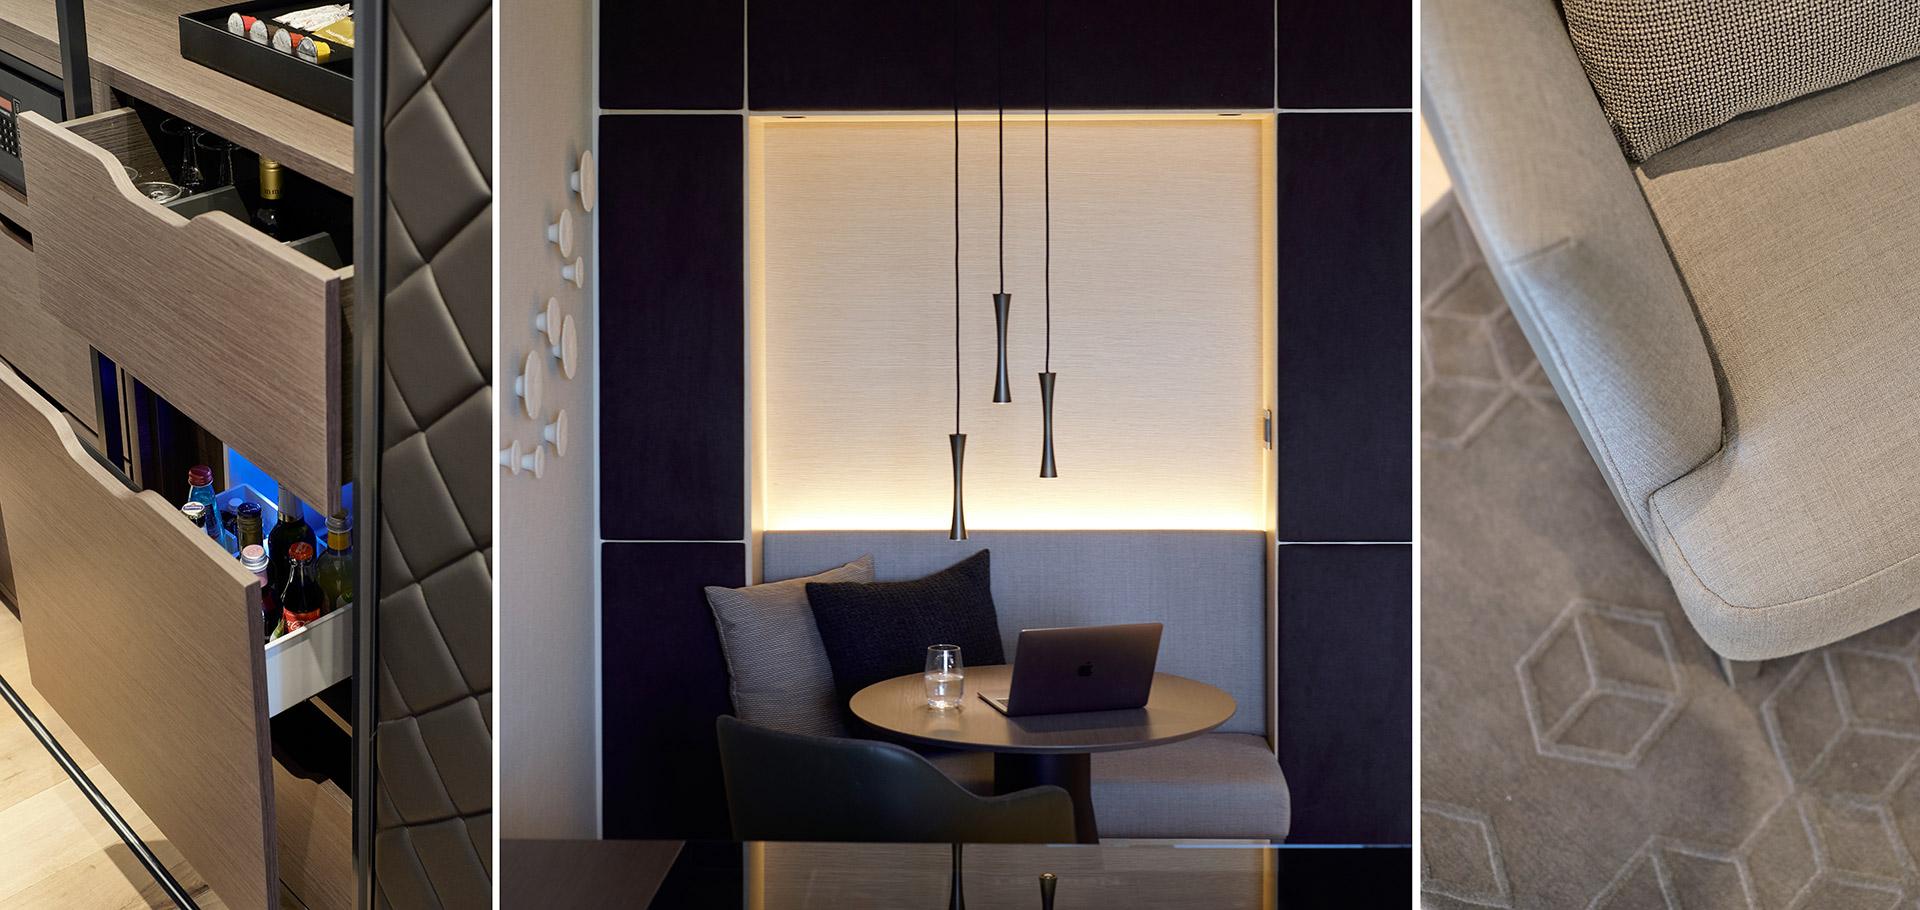 Zimmerdetails im Hotel Der Öschberghof in Donaueschingen. Entworfen von JOI-Design.